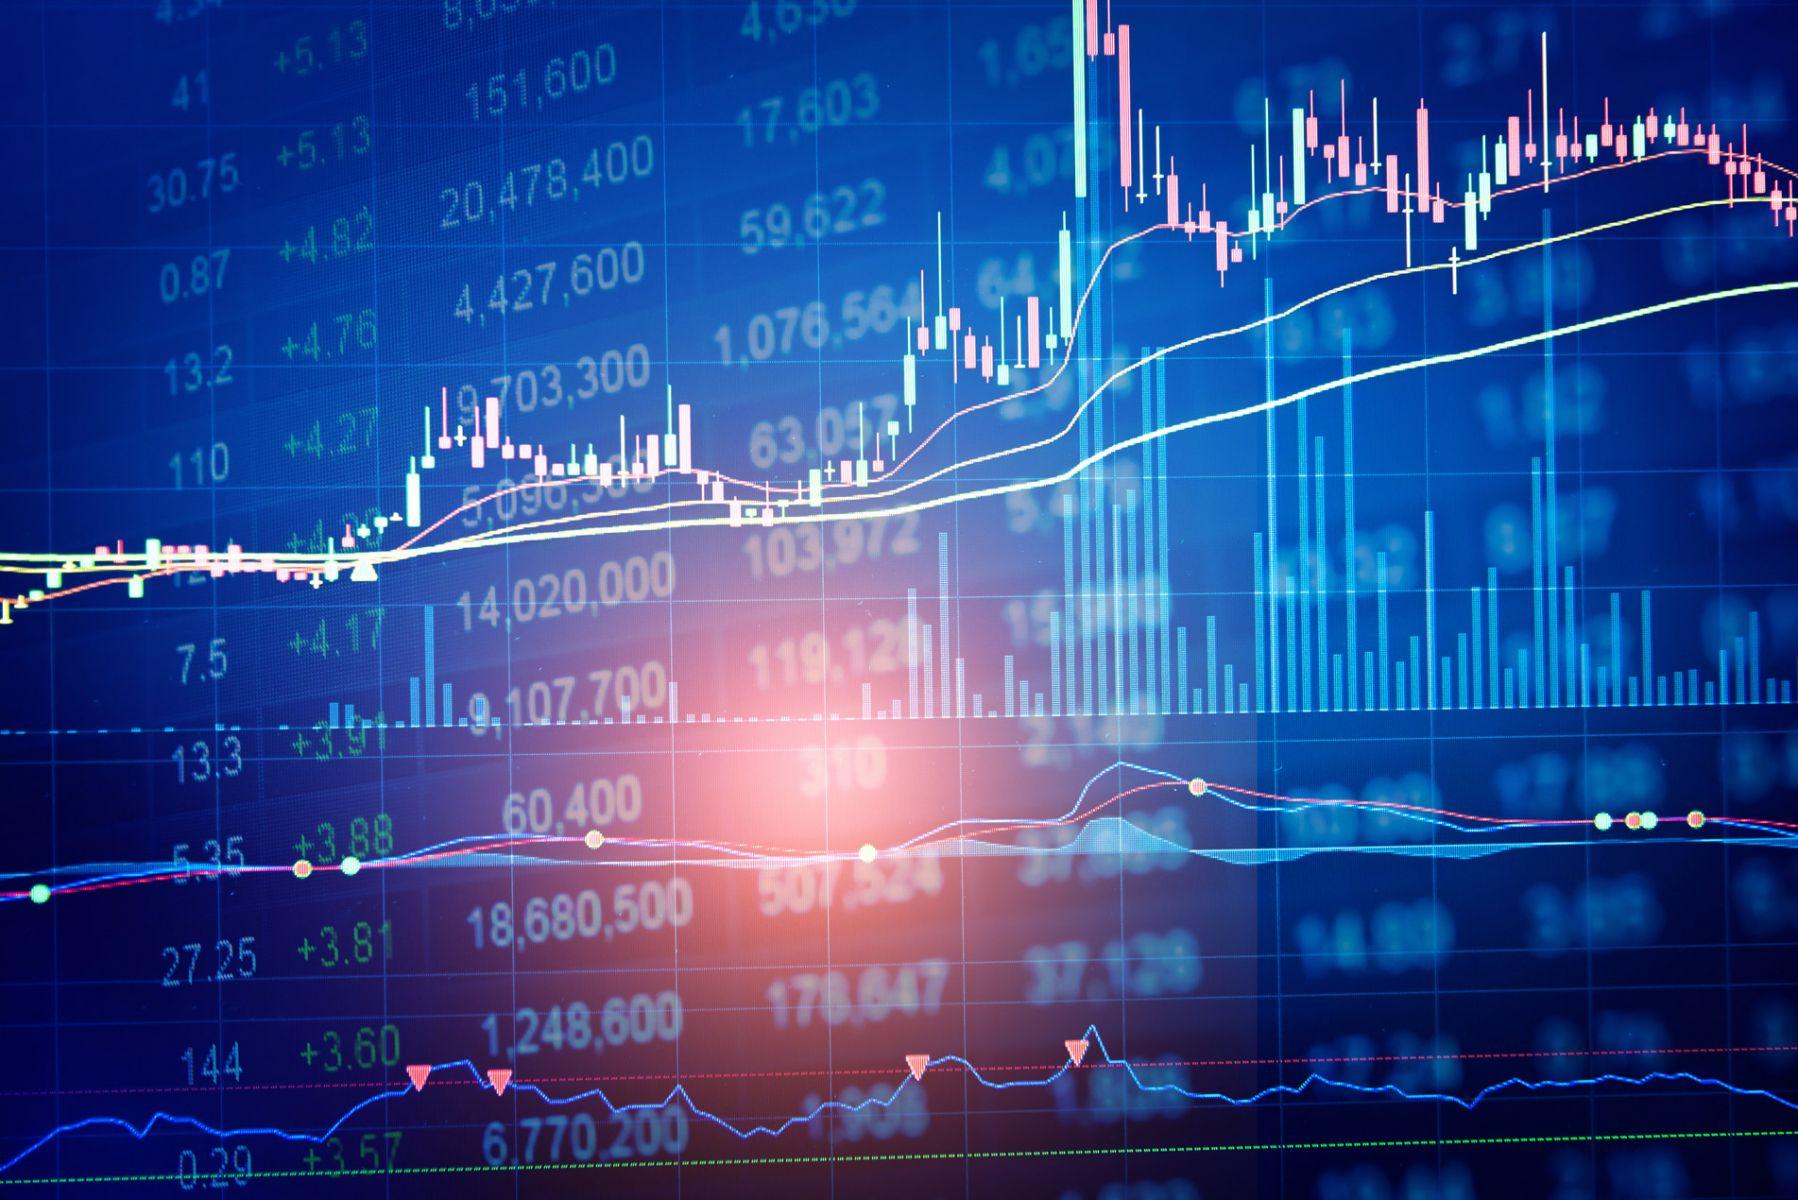 「土耳其風暴」重挫台股 法人:市場反應過度